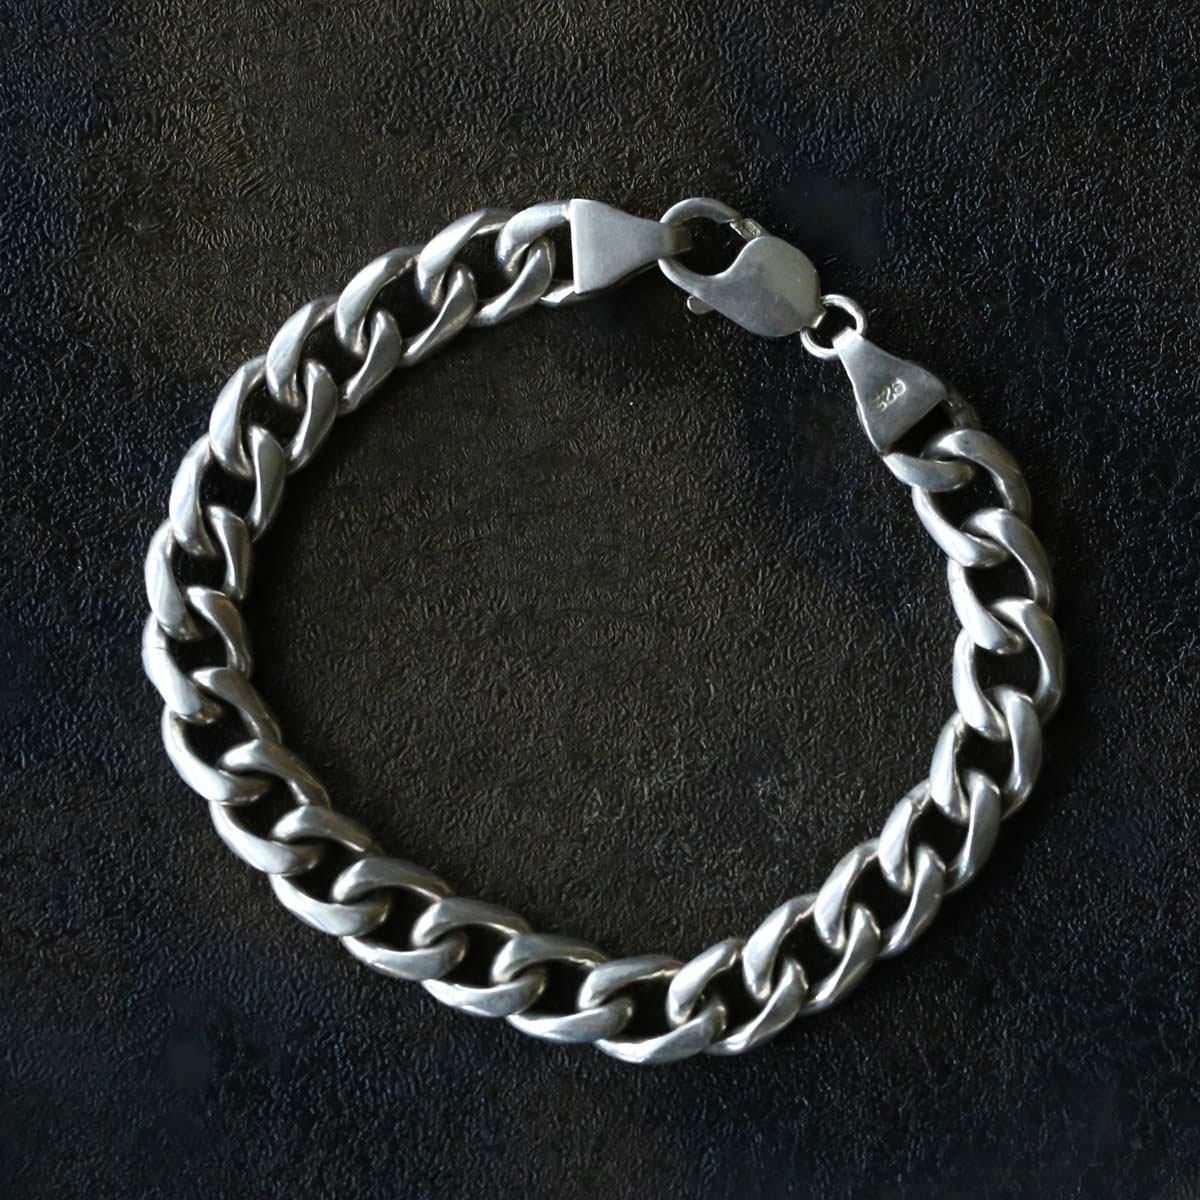 Vintage Silver Chain Bracelet ACH-028